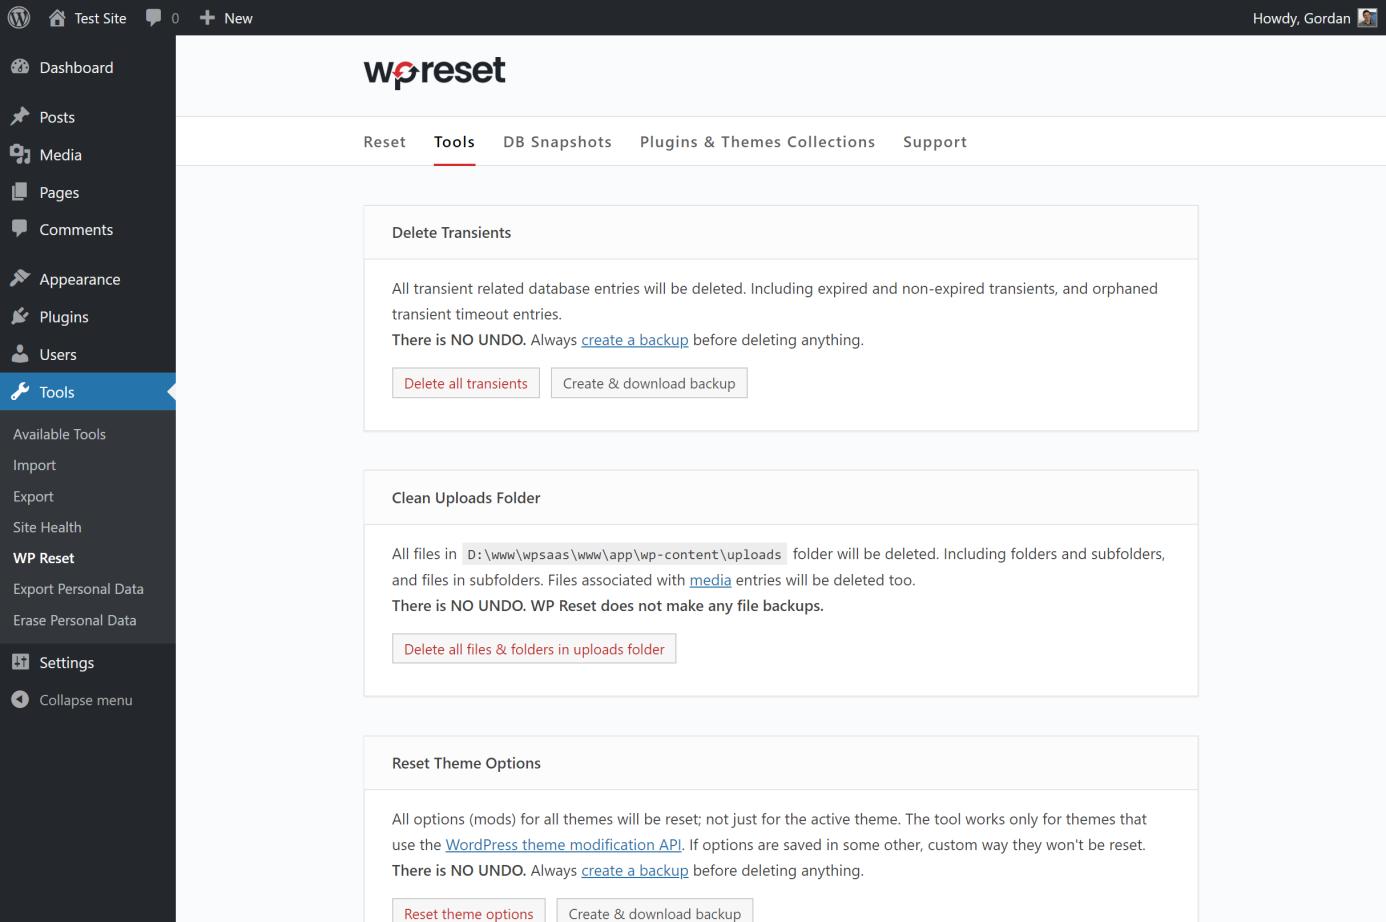 wpreset tools